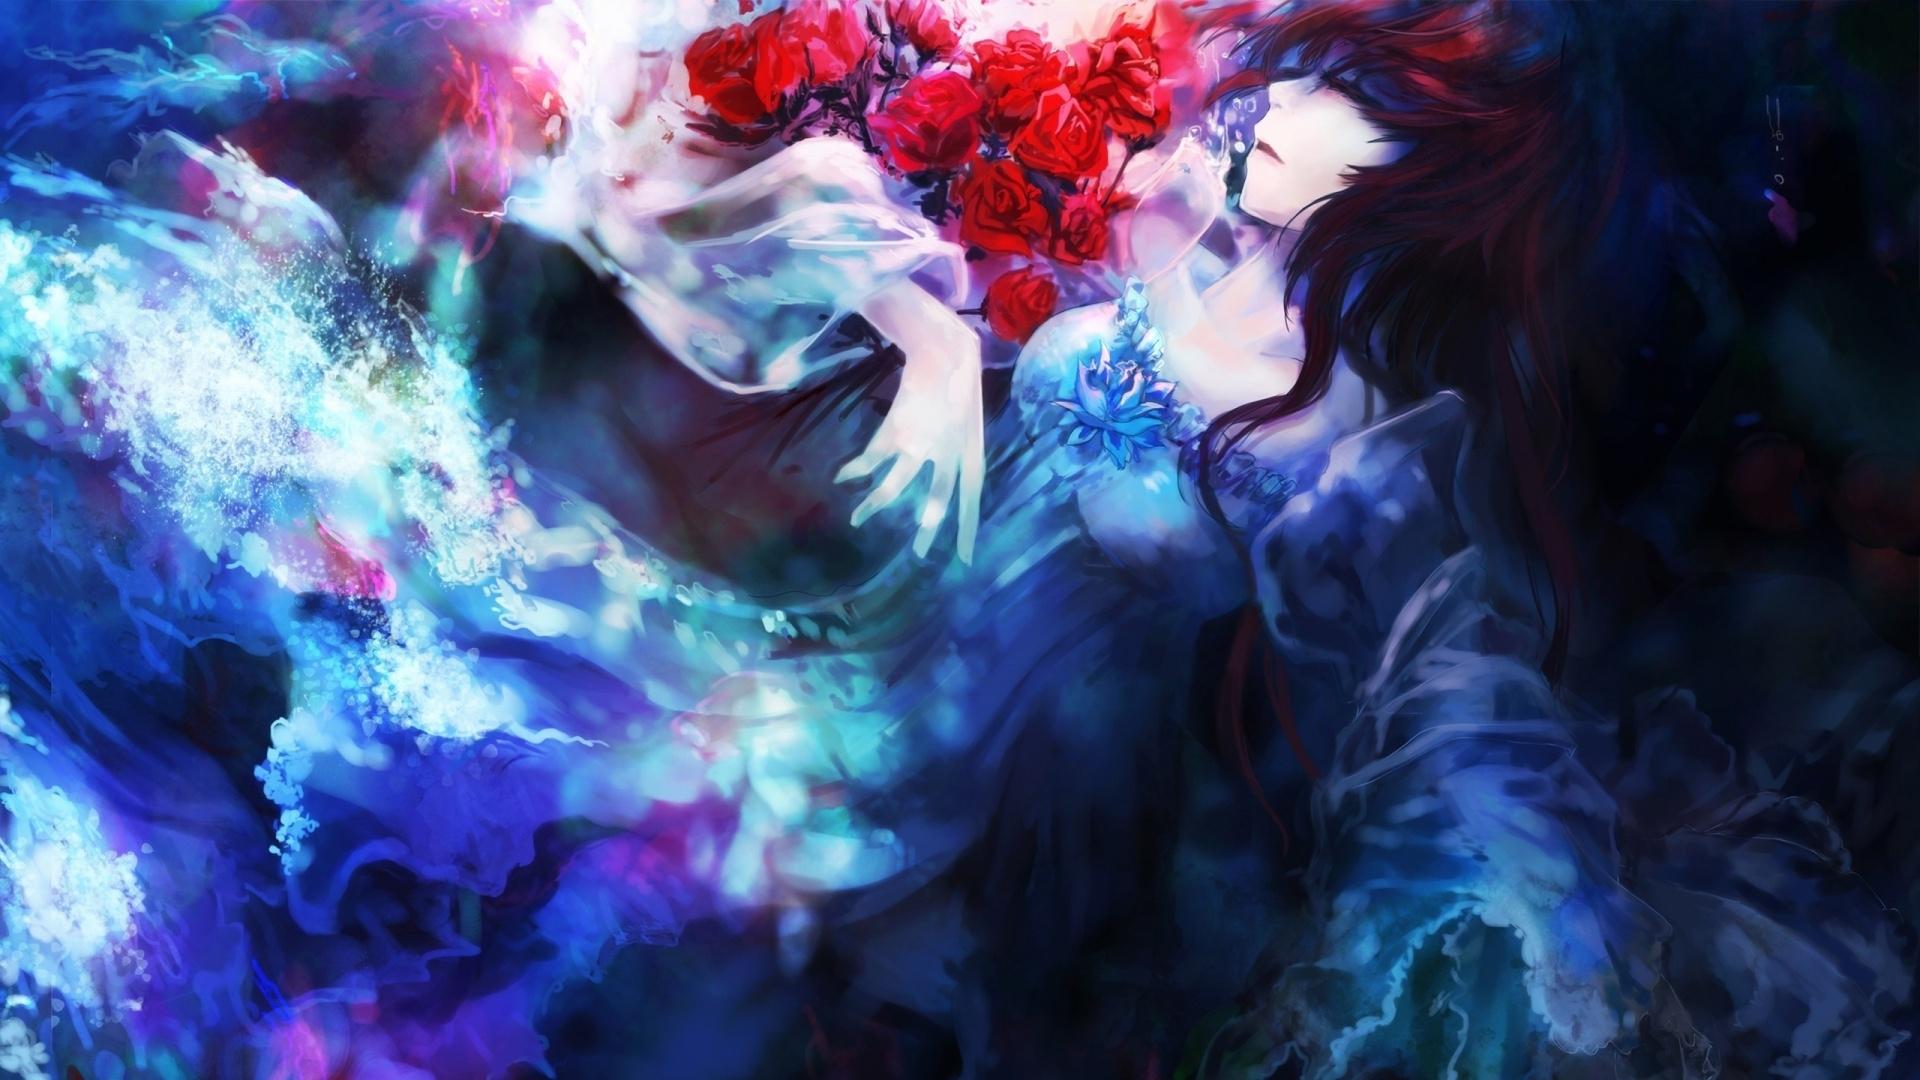 dream 1920x1080 anime wallpaper. - media file | pixelstalk